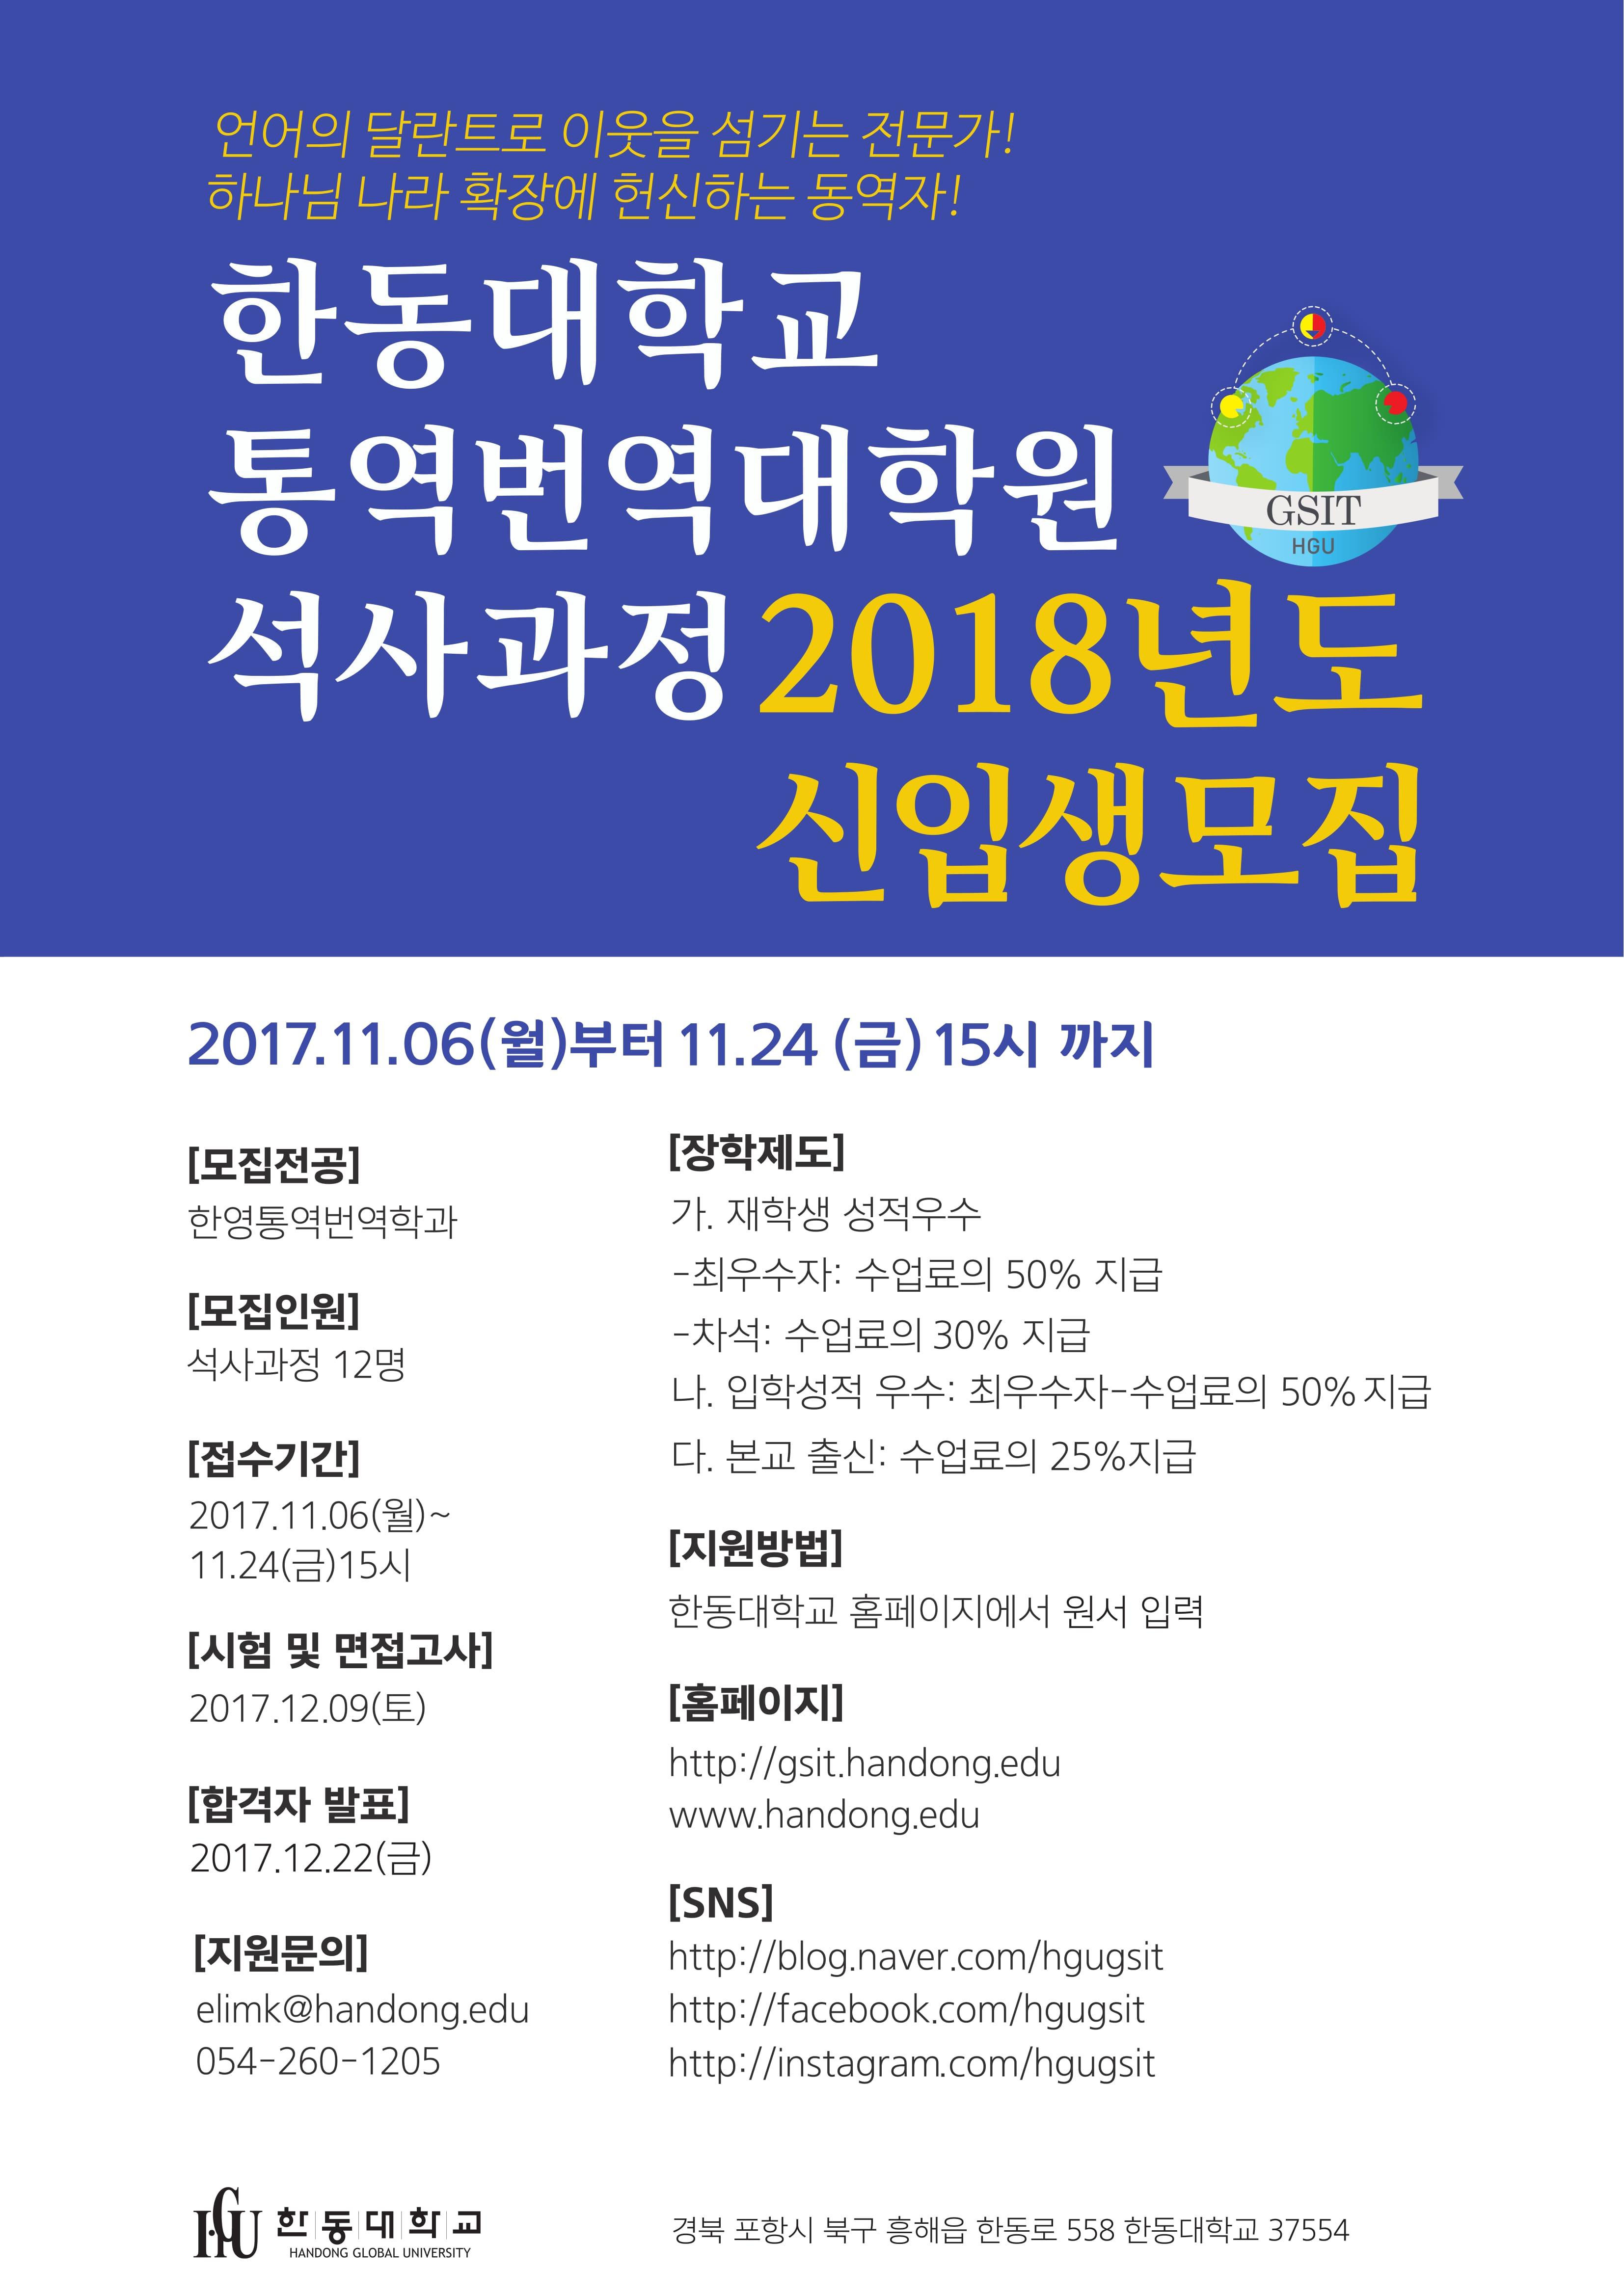 2018학년도통역번역대학원 신입생모집 포스터-1.jpg